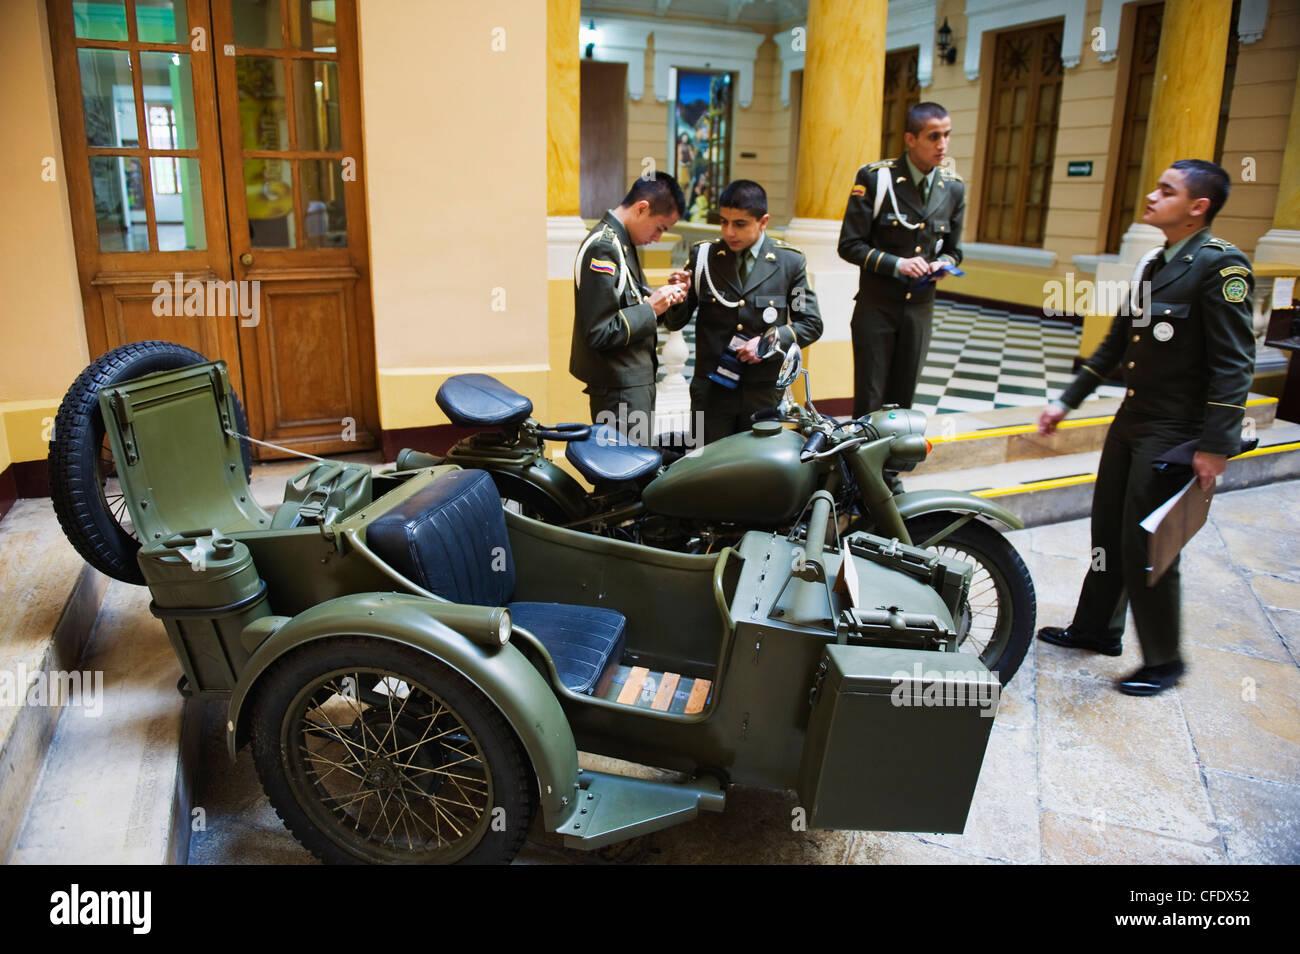 Poliziotti e display di moto, il museo della Polizia, Bogotà, Colombia, Sud America Immagini Stock